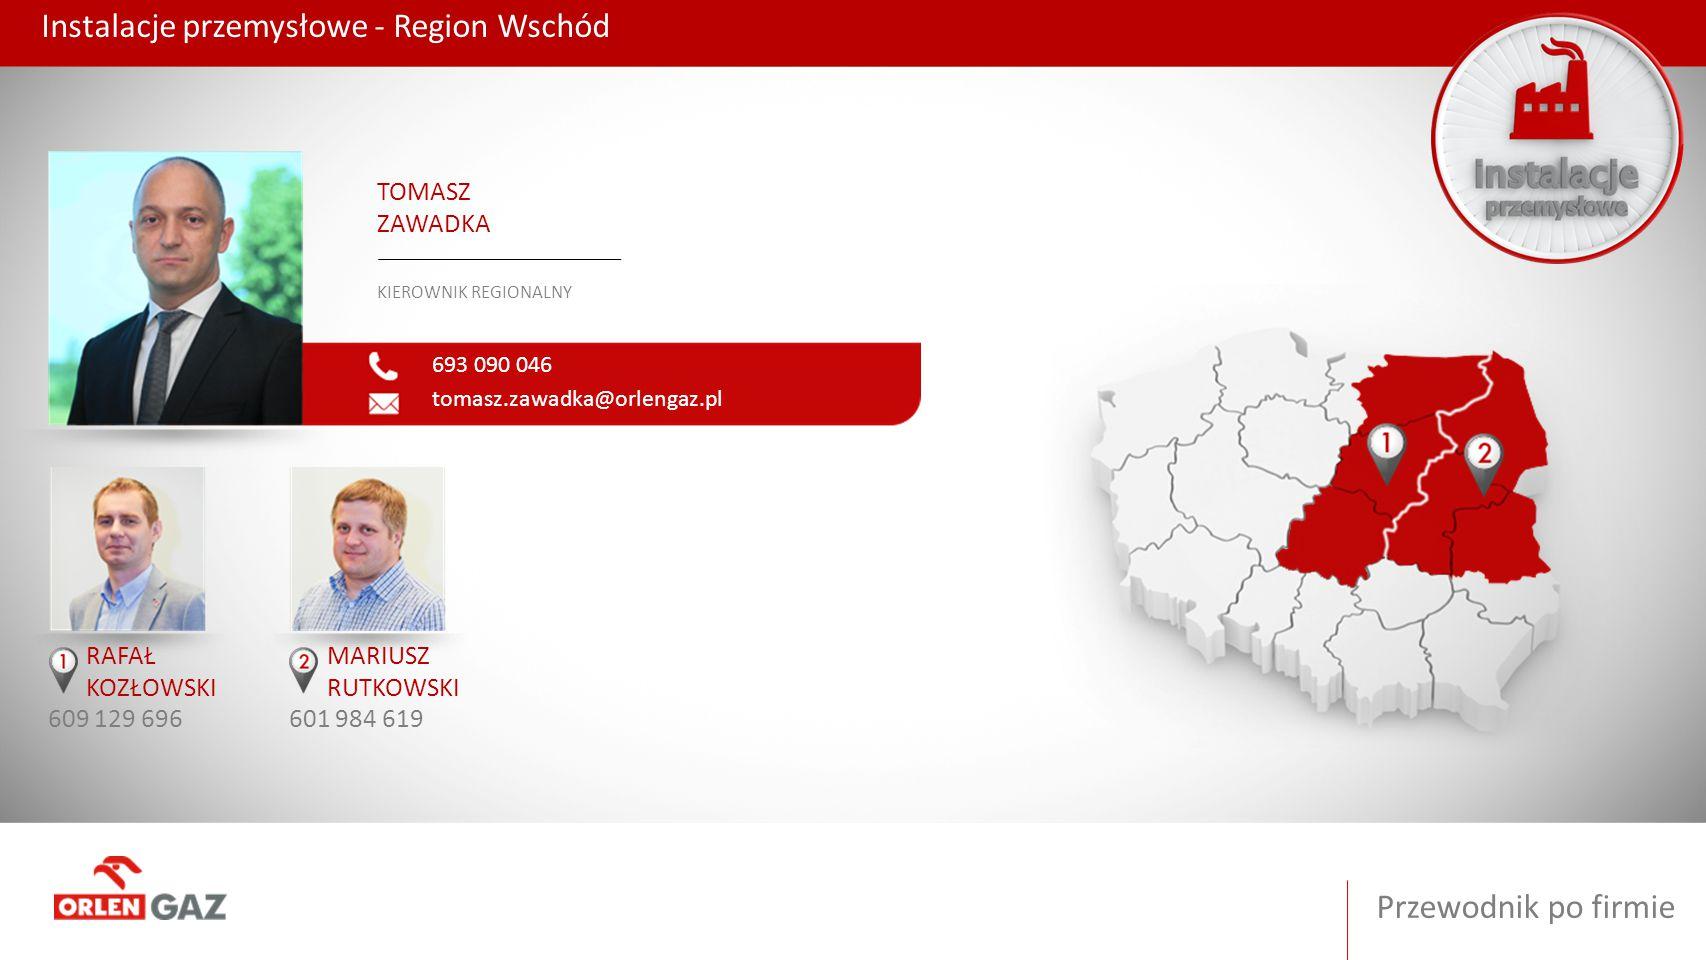 Przewodnik po firmie Instalacje przemysłowe - Region Wschód 693 090 046 tomasz.zawadka@orlengaz.pl TOMASZ ZAWADKA KIEROWNIK REGIONALNY RAFAŁ KOZŁOWSKI